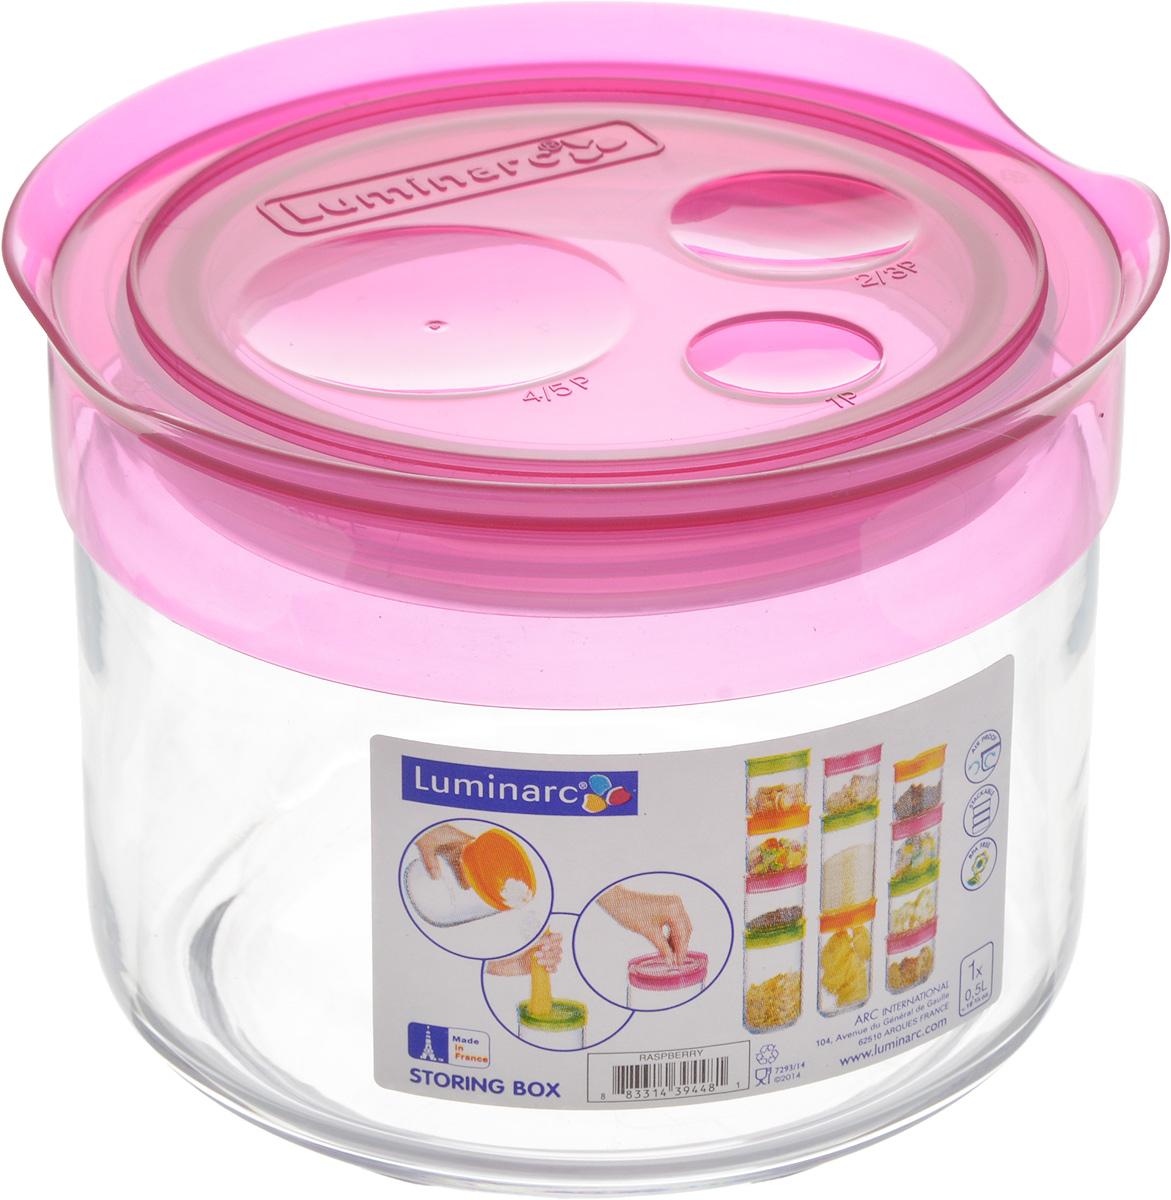 Банка для сыпучих продуктов Luminarc Storing Box, с крышкой, цвет: малиновый, 500 млJ2256Банка Luminarc Storing Box, выполненная из упрочненного стекла, станет незаменимым помощником на кухне. В ней будет удобно хранить разнообразные сыпучие продукты, такие как кофе, сахар, соль или специи. Прозрачная банка позволит следить, что и в каком количестве находится внутри. Банка надежно закрывается пластиковой крышкой, которая снабжена резиновым уплотнителем для лучшей фиксации. Такая банка не только сэкономит место на вашей кухне, но и украсит интерьер. Объем: 500 мл. Диаметр банки (по верхнему краю): 9 см. Высота банки (без учета крышки): 8 см.